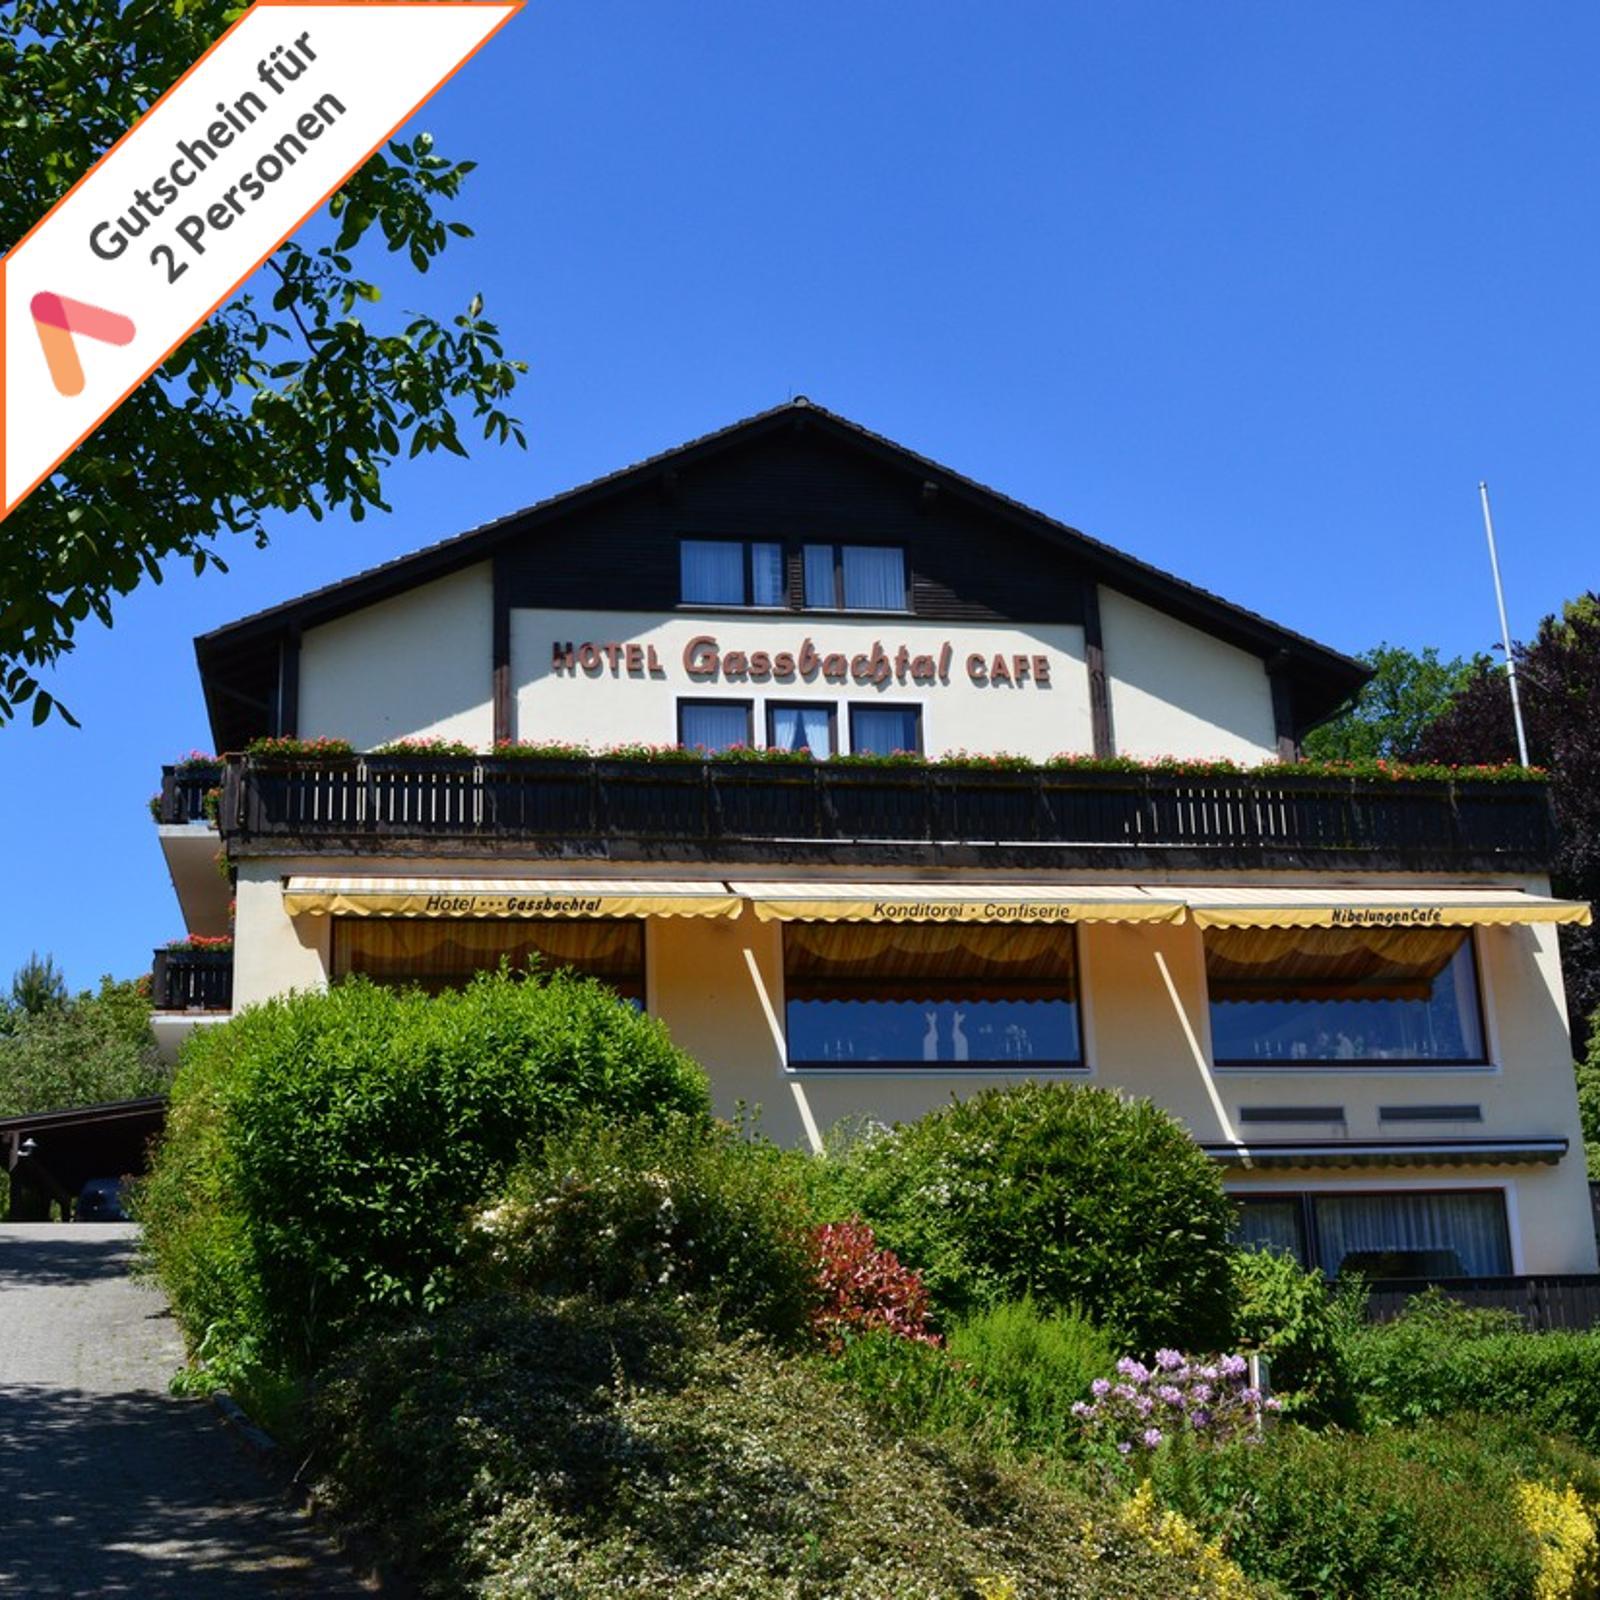 Kurzurlaub Odenwald 3 Tage 2 Personen Hotel Gassbachtal am Waldrand Gutschein